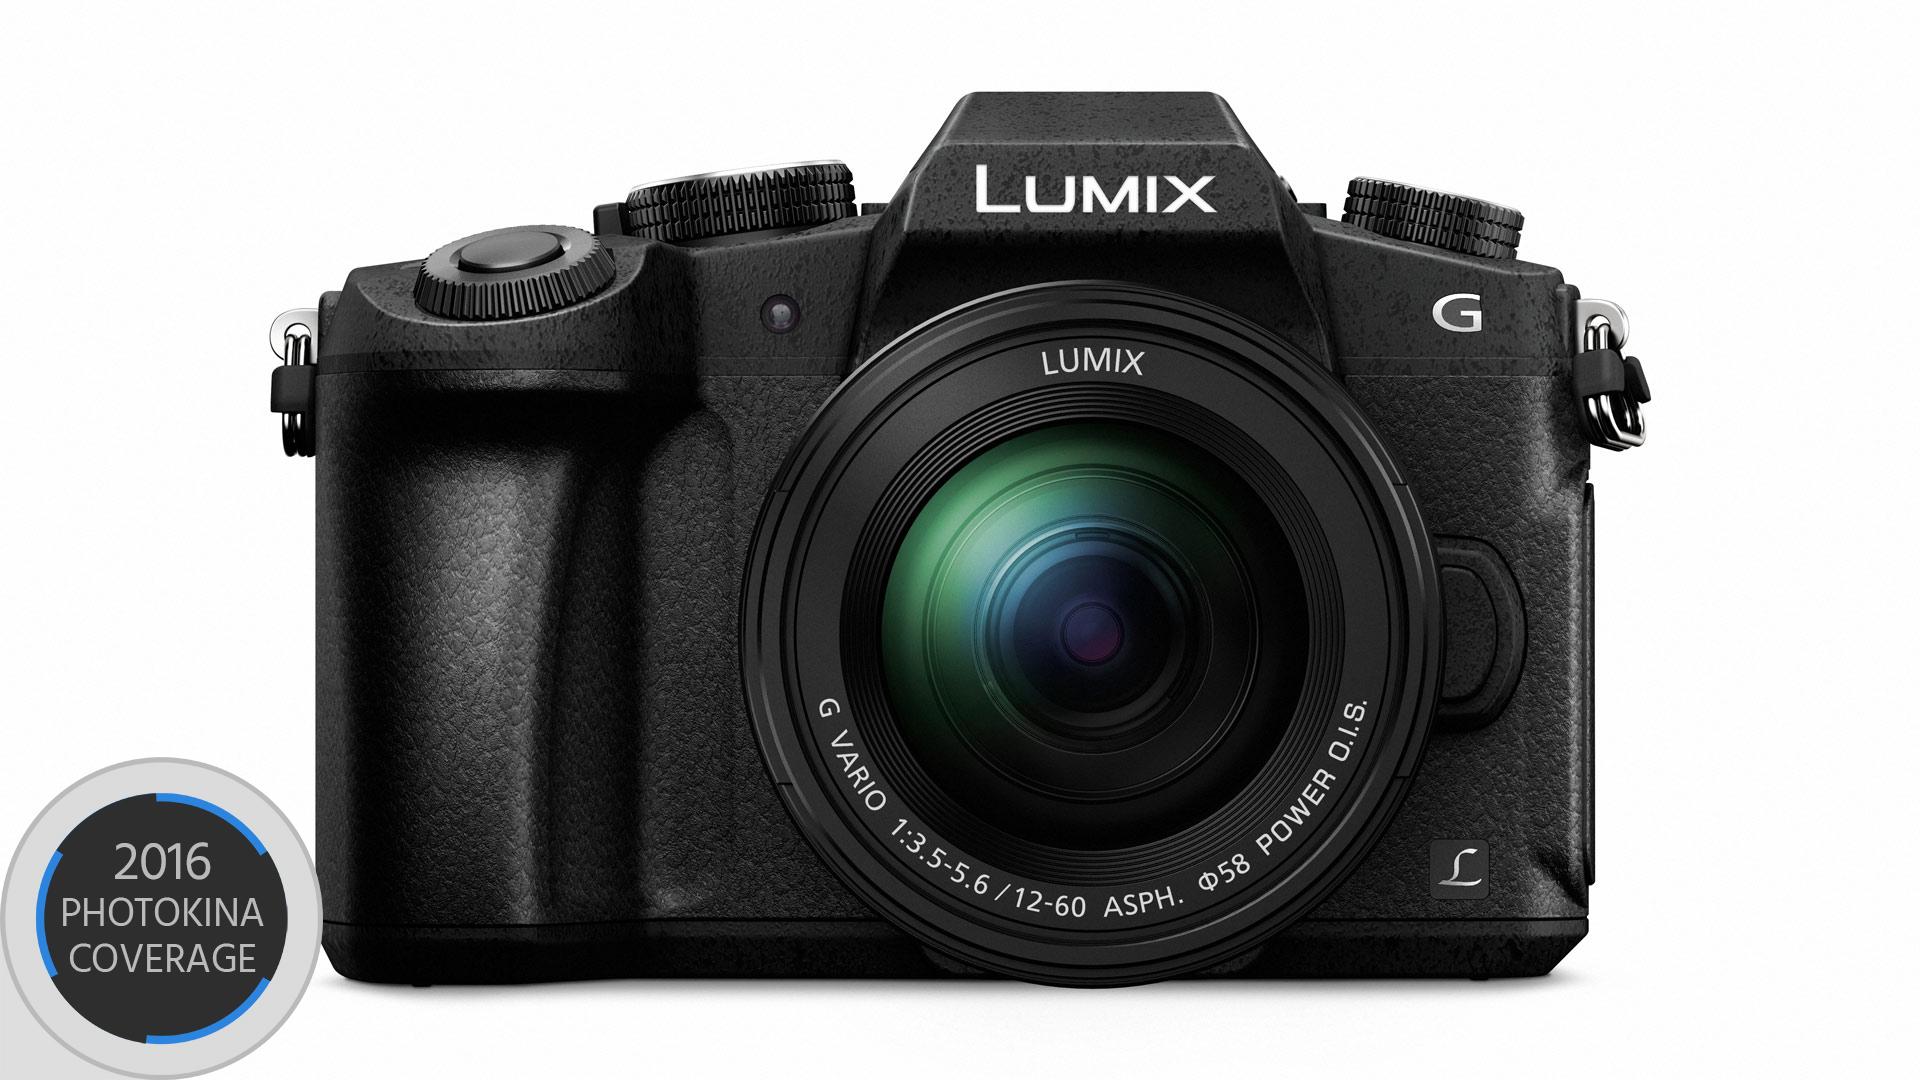 パナソニックがLumix G8発表 - 4K/30p撮影もできるマイクロフォーサーズ ミラーレス